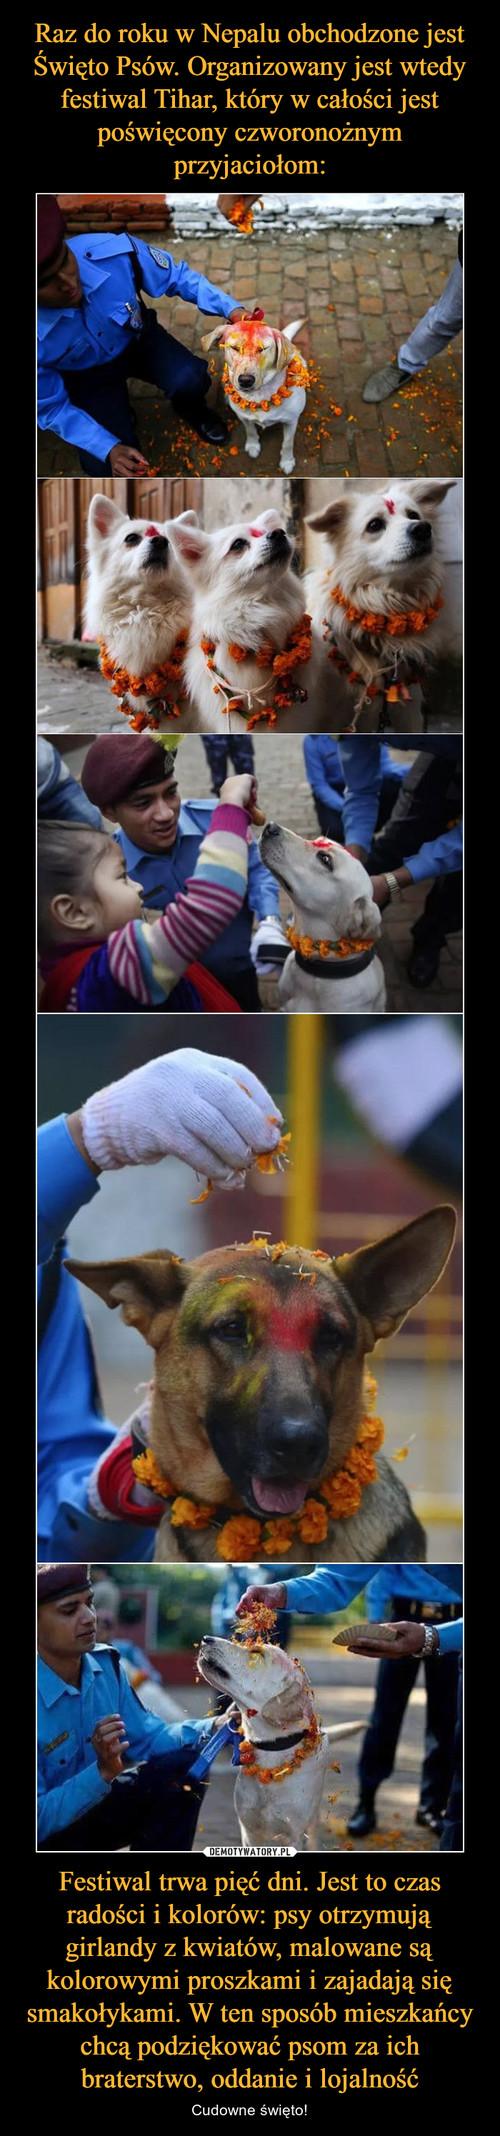 Raz do roku w Nepalu obchodzone jest Święto Psów. Organizowany jest wtedy festiwal Tihar, który w całości jest poświęcony czworonożnym przyjaciołom: Festiwal trwa pięć dni. Jest to czas radości i kolorów: psy otrzymują girlandy z kwiatów, malowane są kolorowymi proszkami i zajadają się smakołykami. W ten sposób mieszkańcy chcą podziękować psom za ich braterstwo, oddanie i lojalność